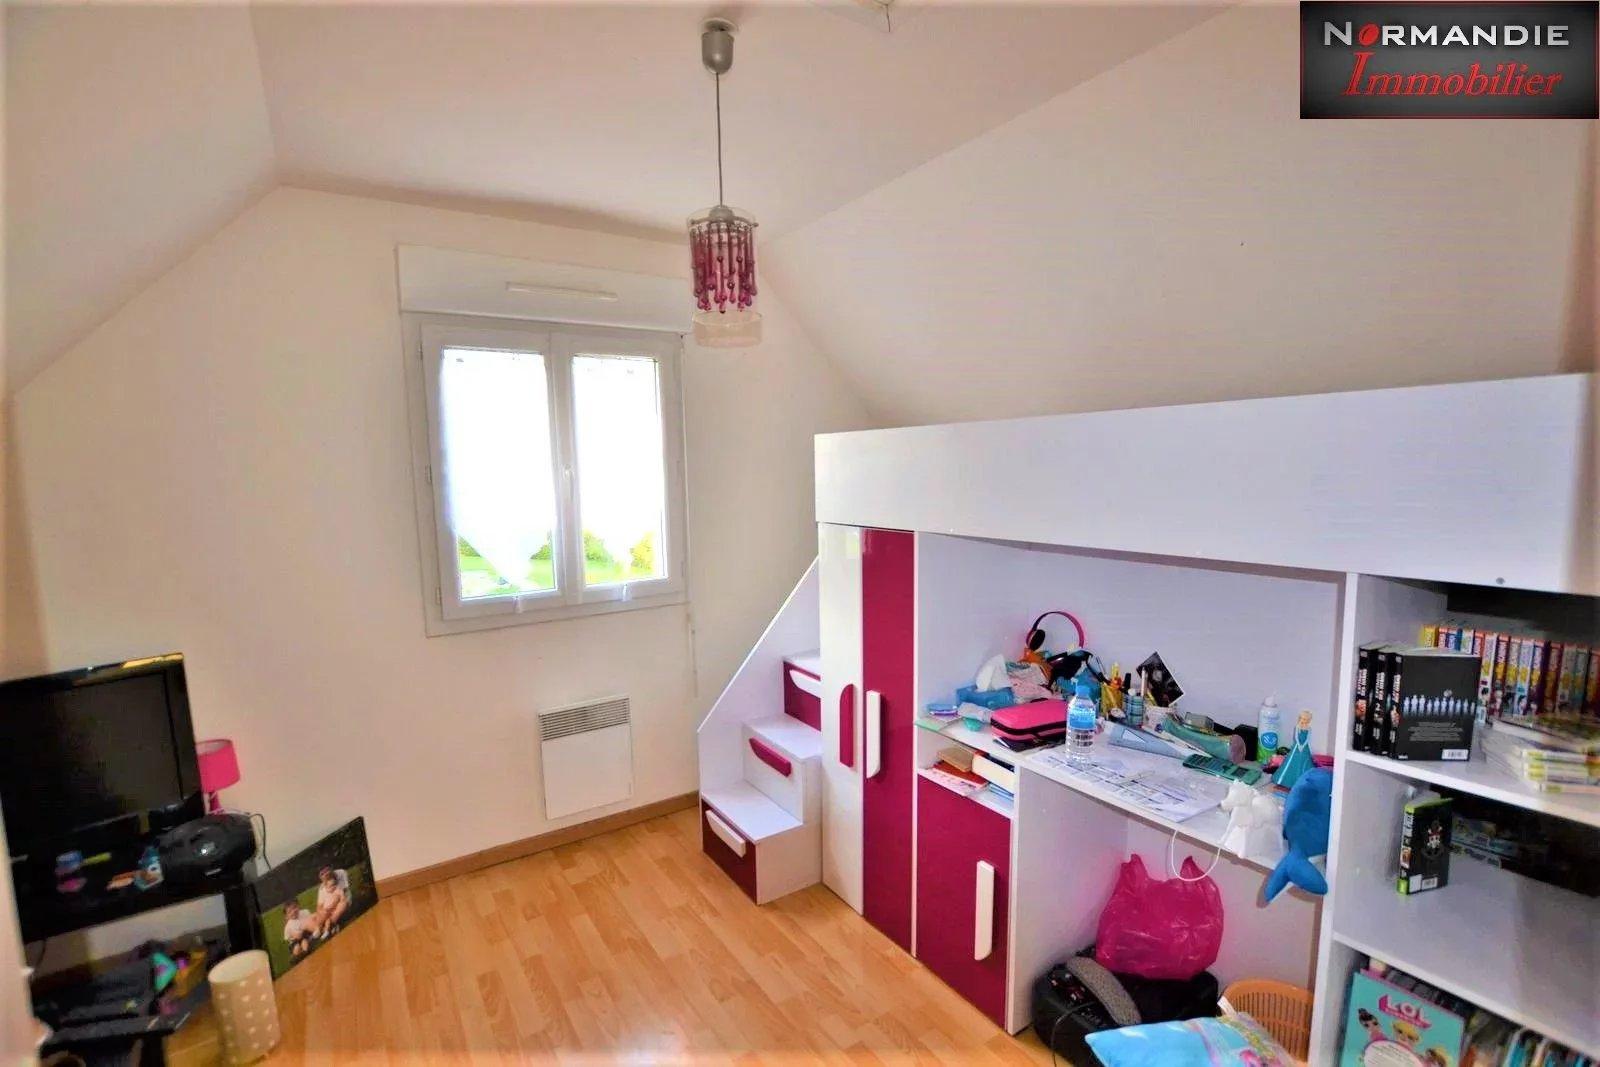 Maison familiale 5 pièces 108 m2